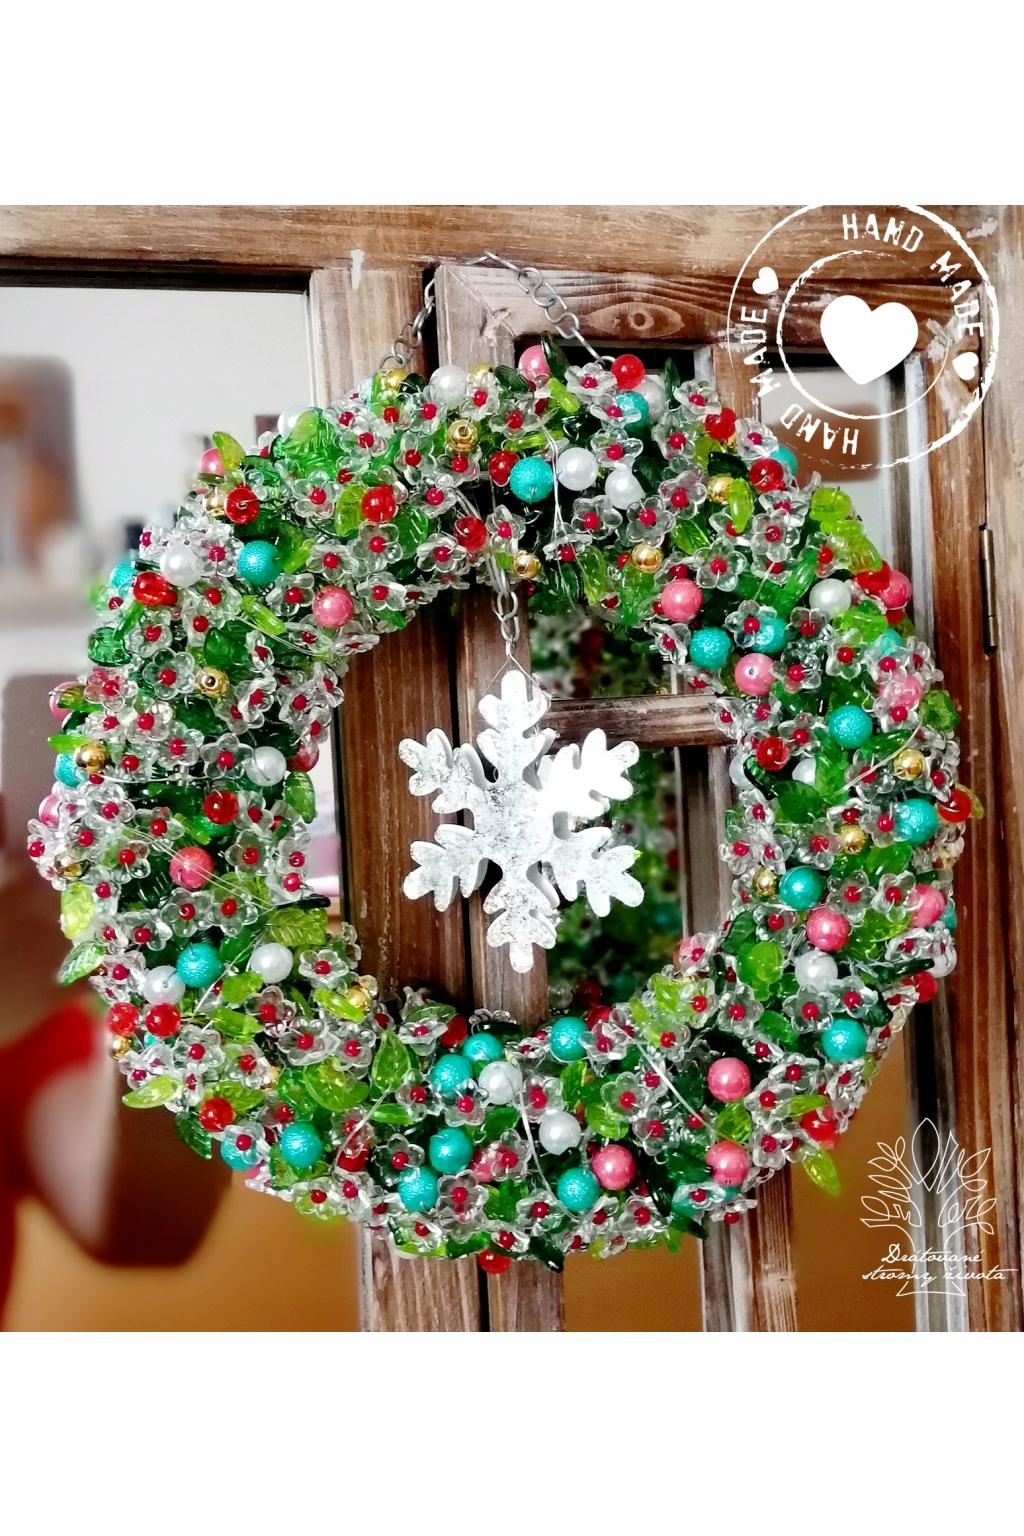 Věnec Vánoční LED - Duch vánoc 23cm